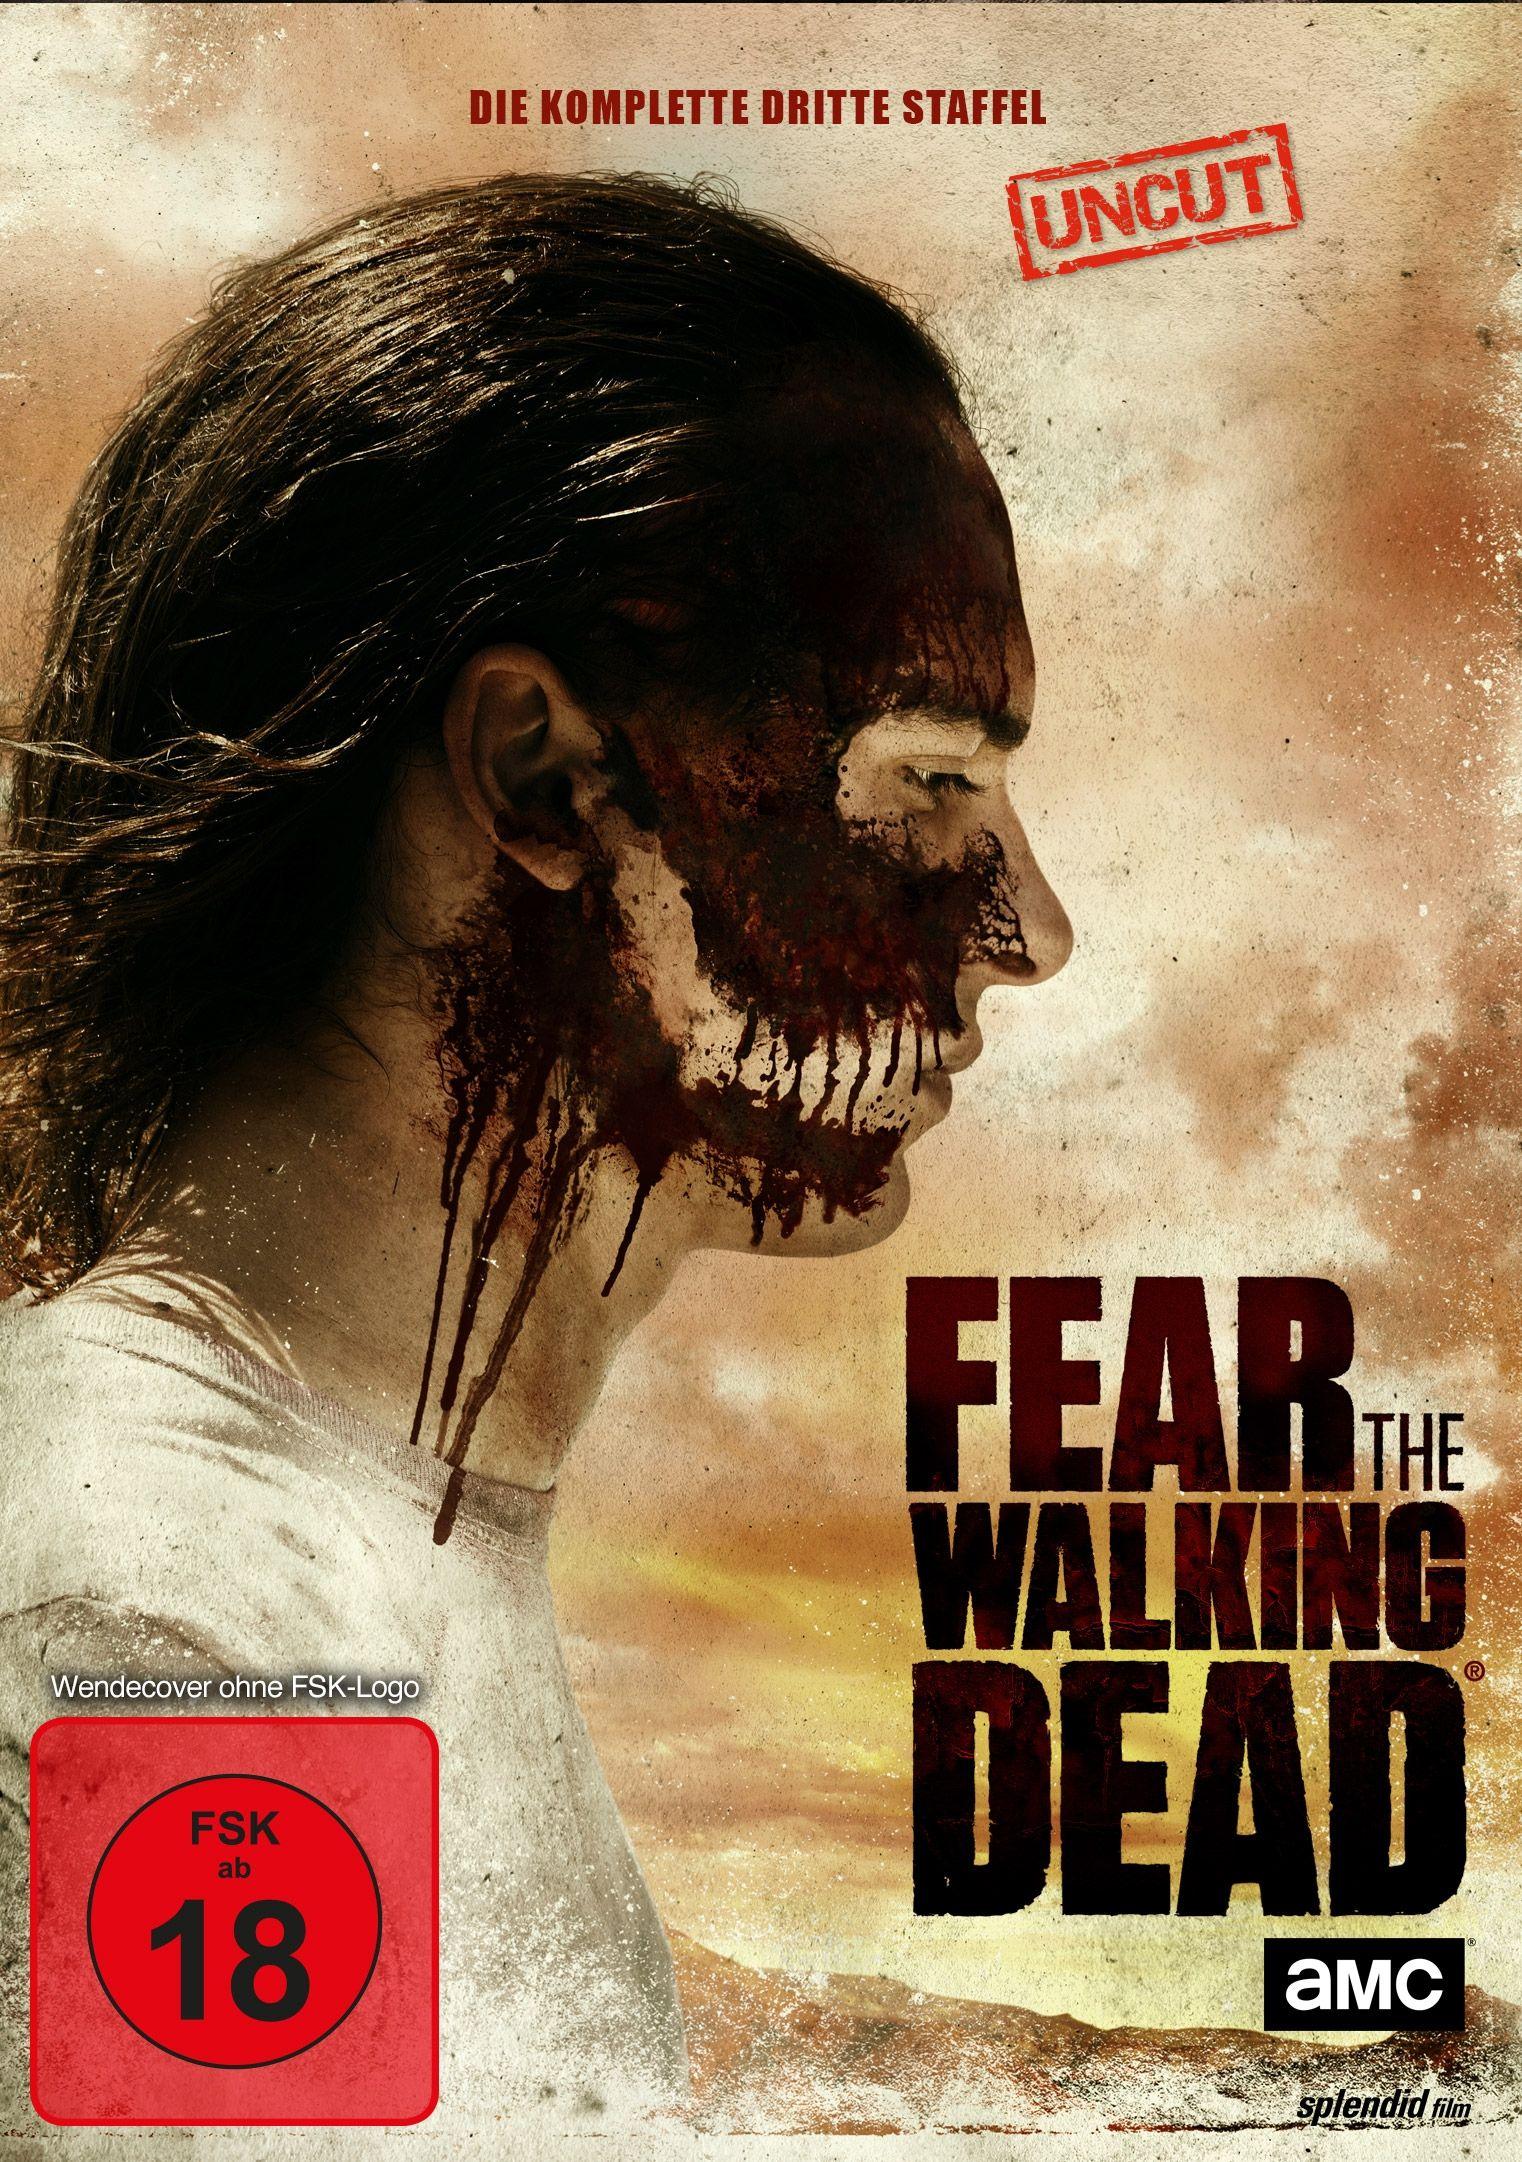 Fear the Walking Dead - Season 3 (Uncut) (4 Discs)